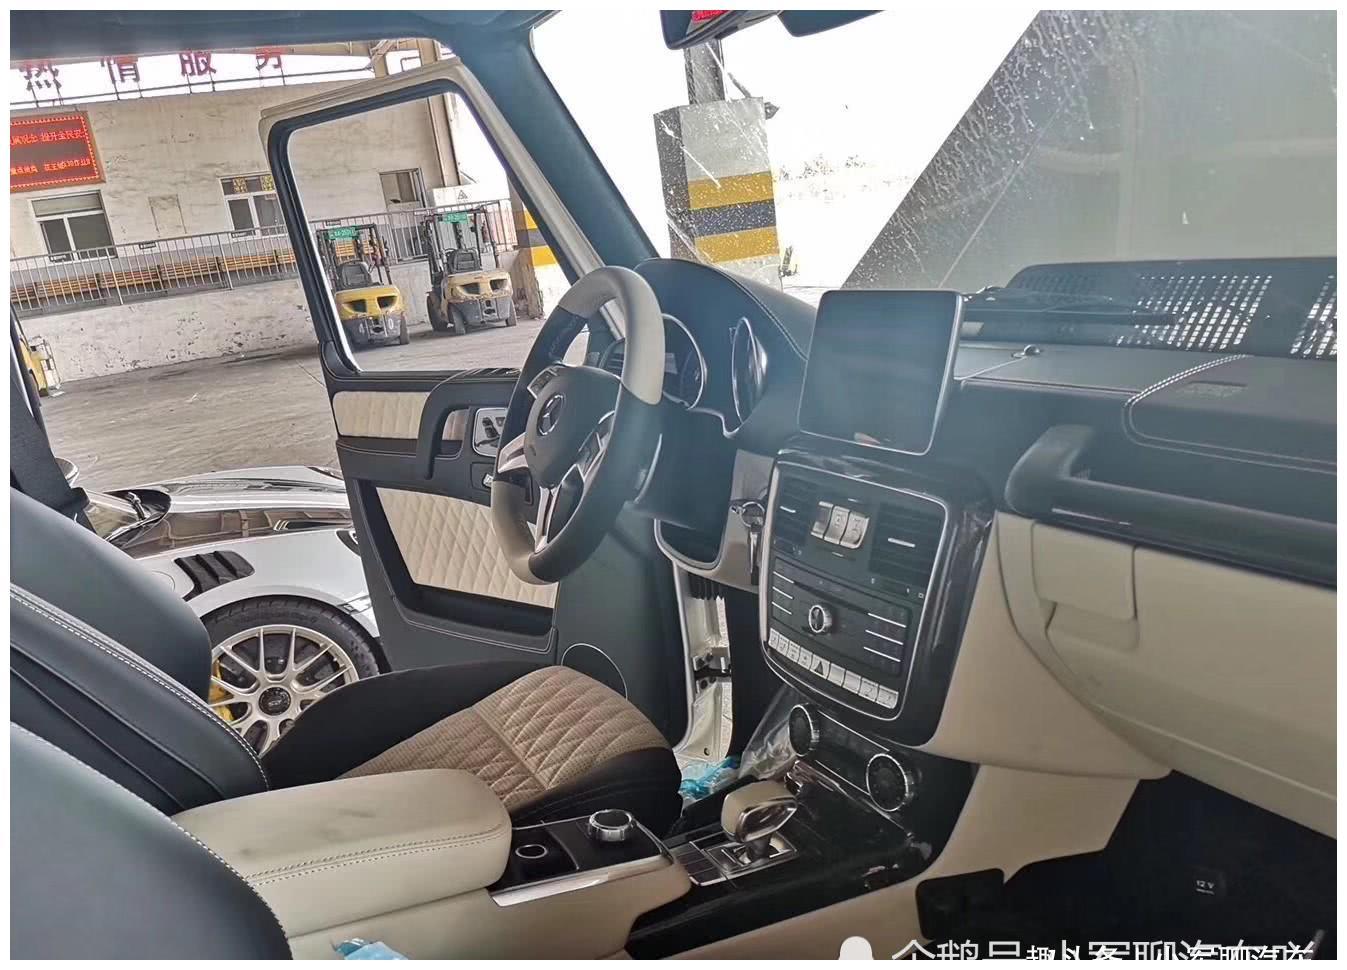 停车场偶遇迈巴赫,车价1588万元,网友:不缺有钱人啊!